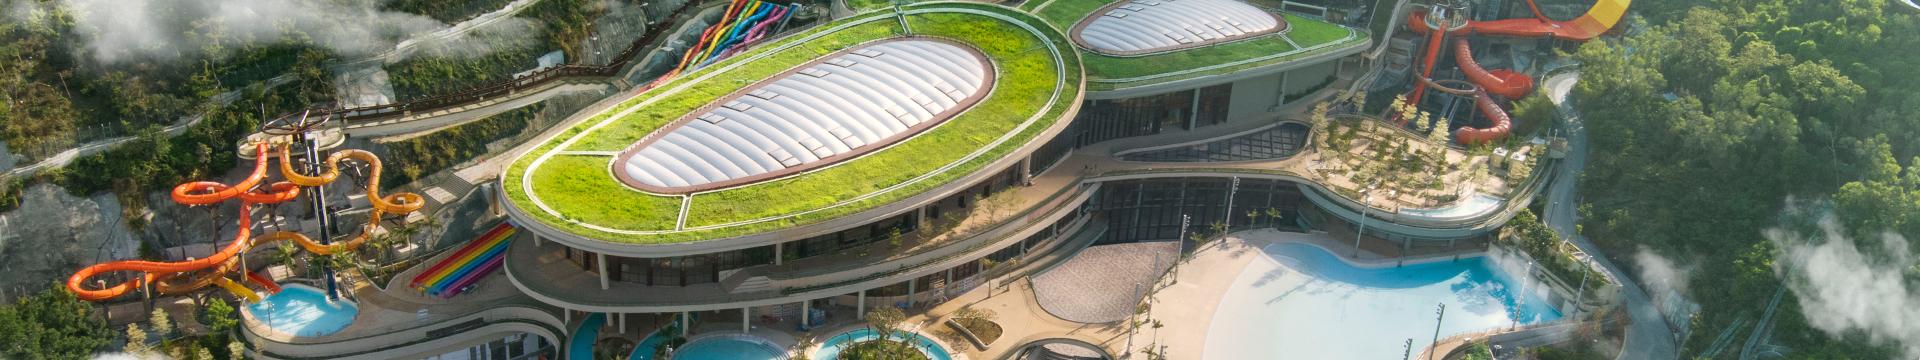 水上樂園:一個全年、全天候開放的世外仙境